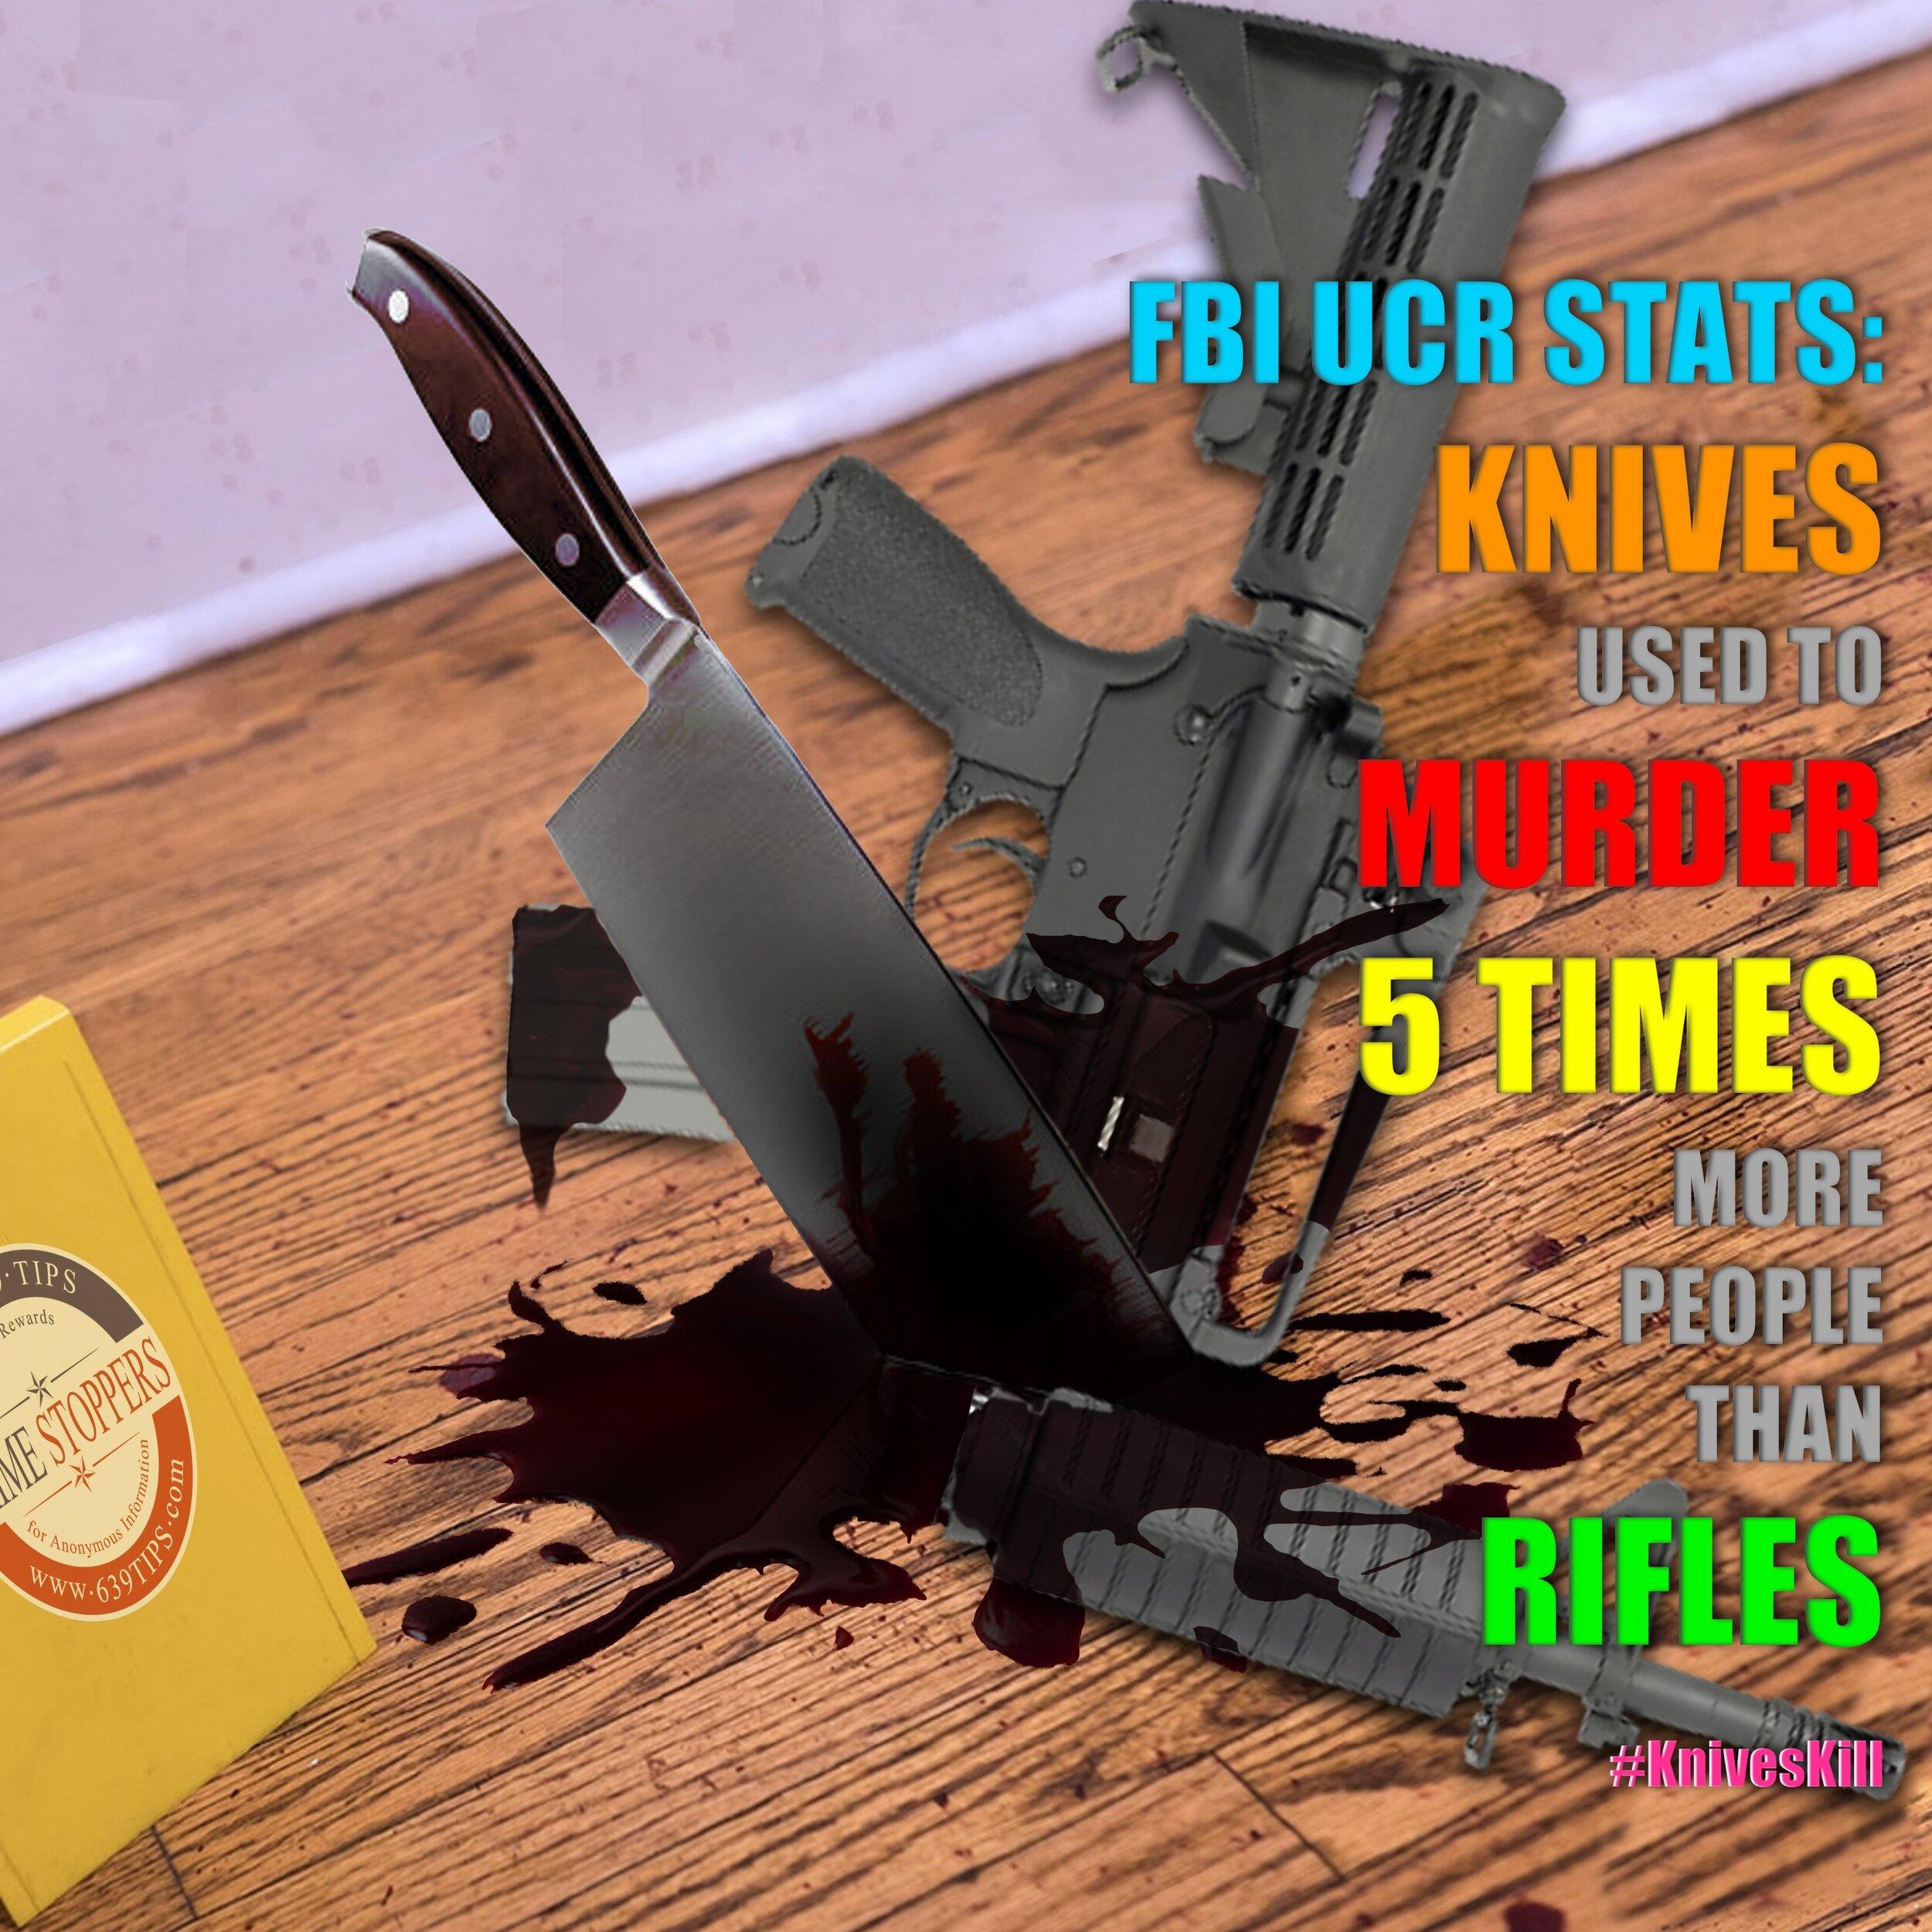 Knives_Kill.jpg